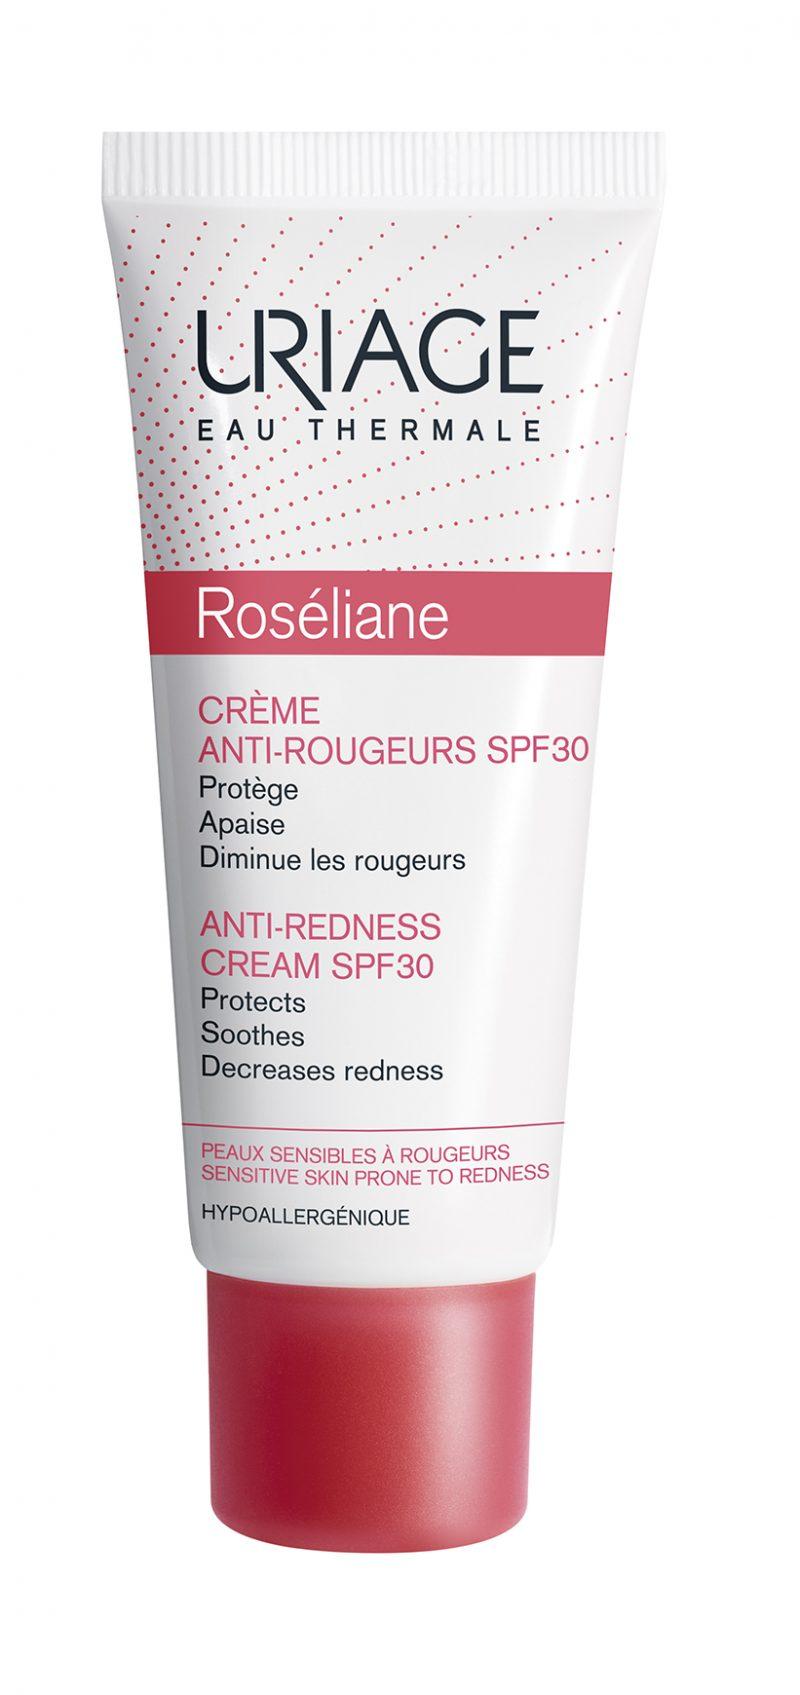 Pelle-in-autunno-i-consigli-della-dermatologa-per-la-corretta-beauty-routine-Roséliane-Crema-Anti-Arrossamenti-uriage